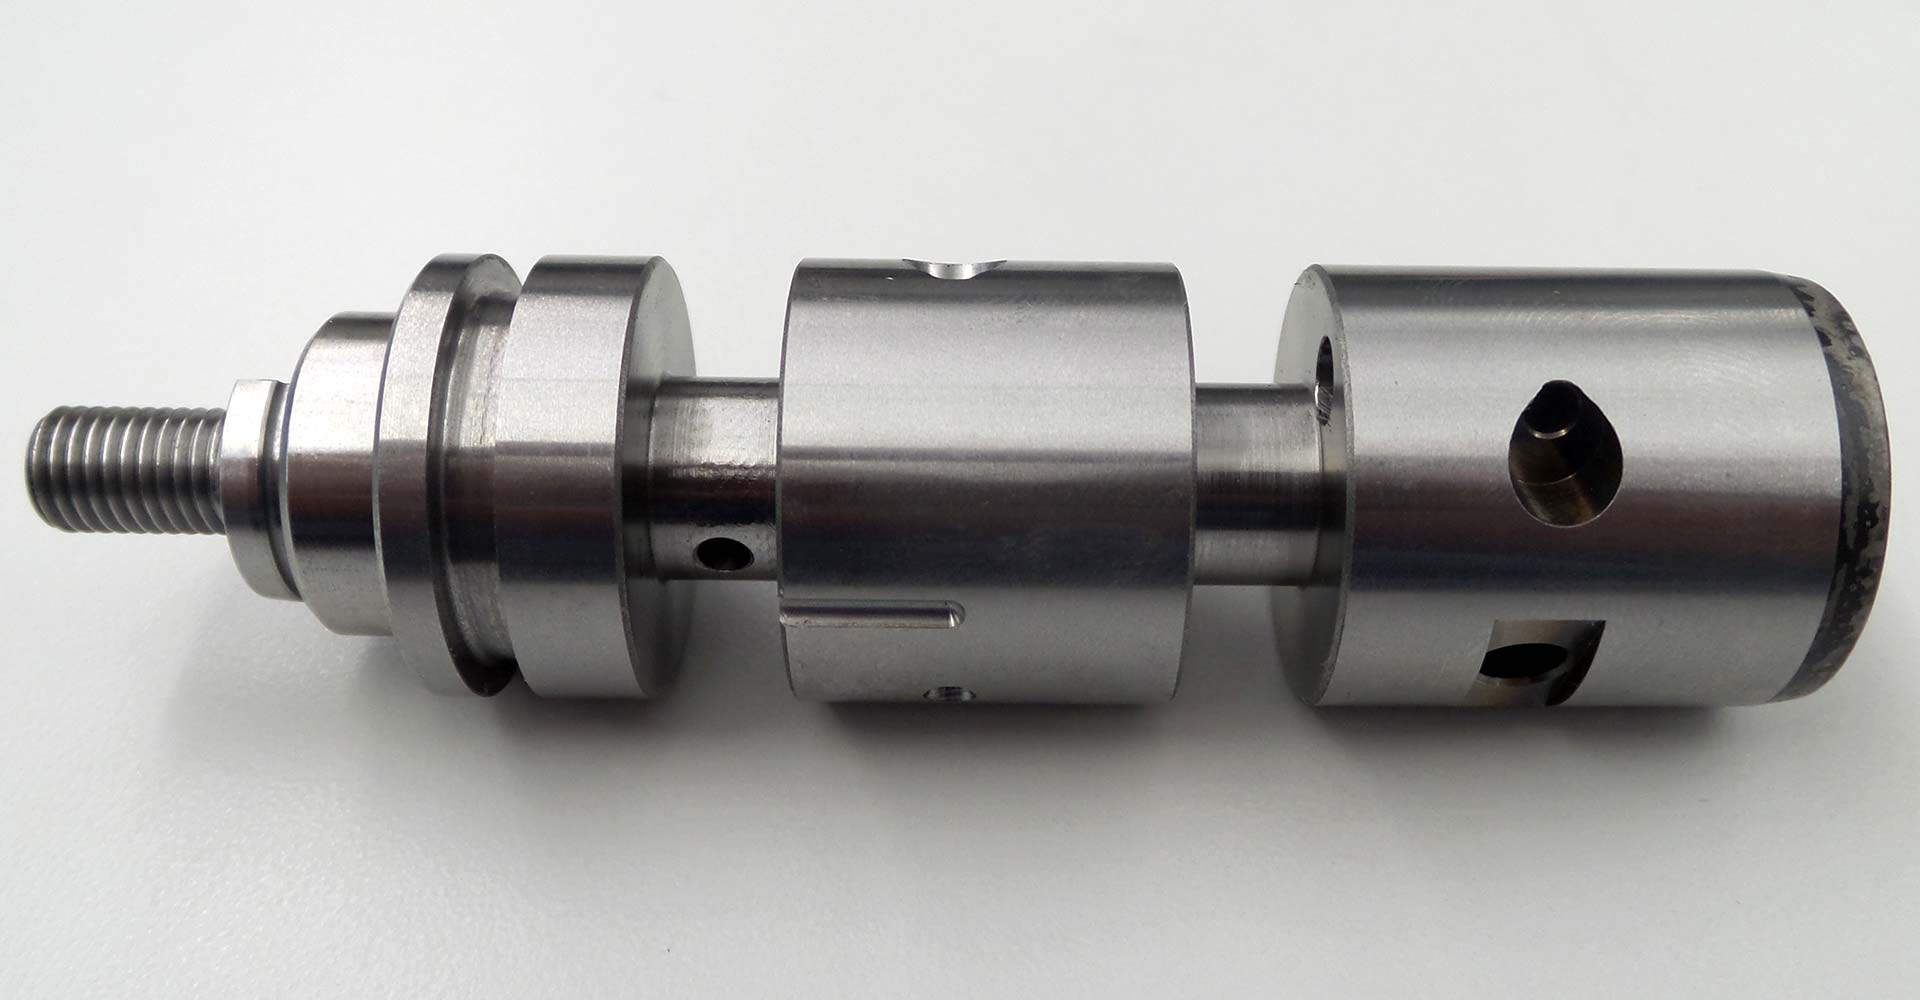 Steel control valve